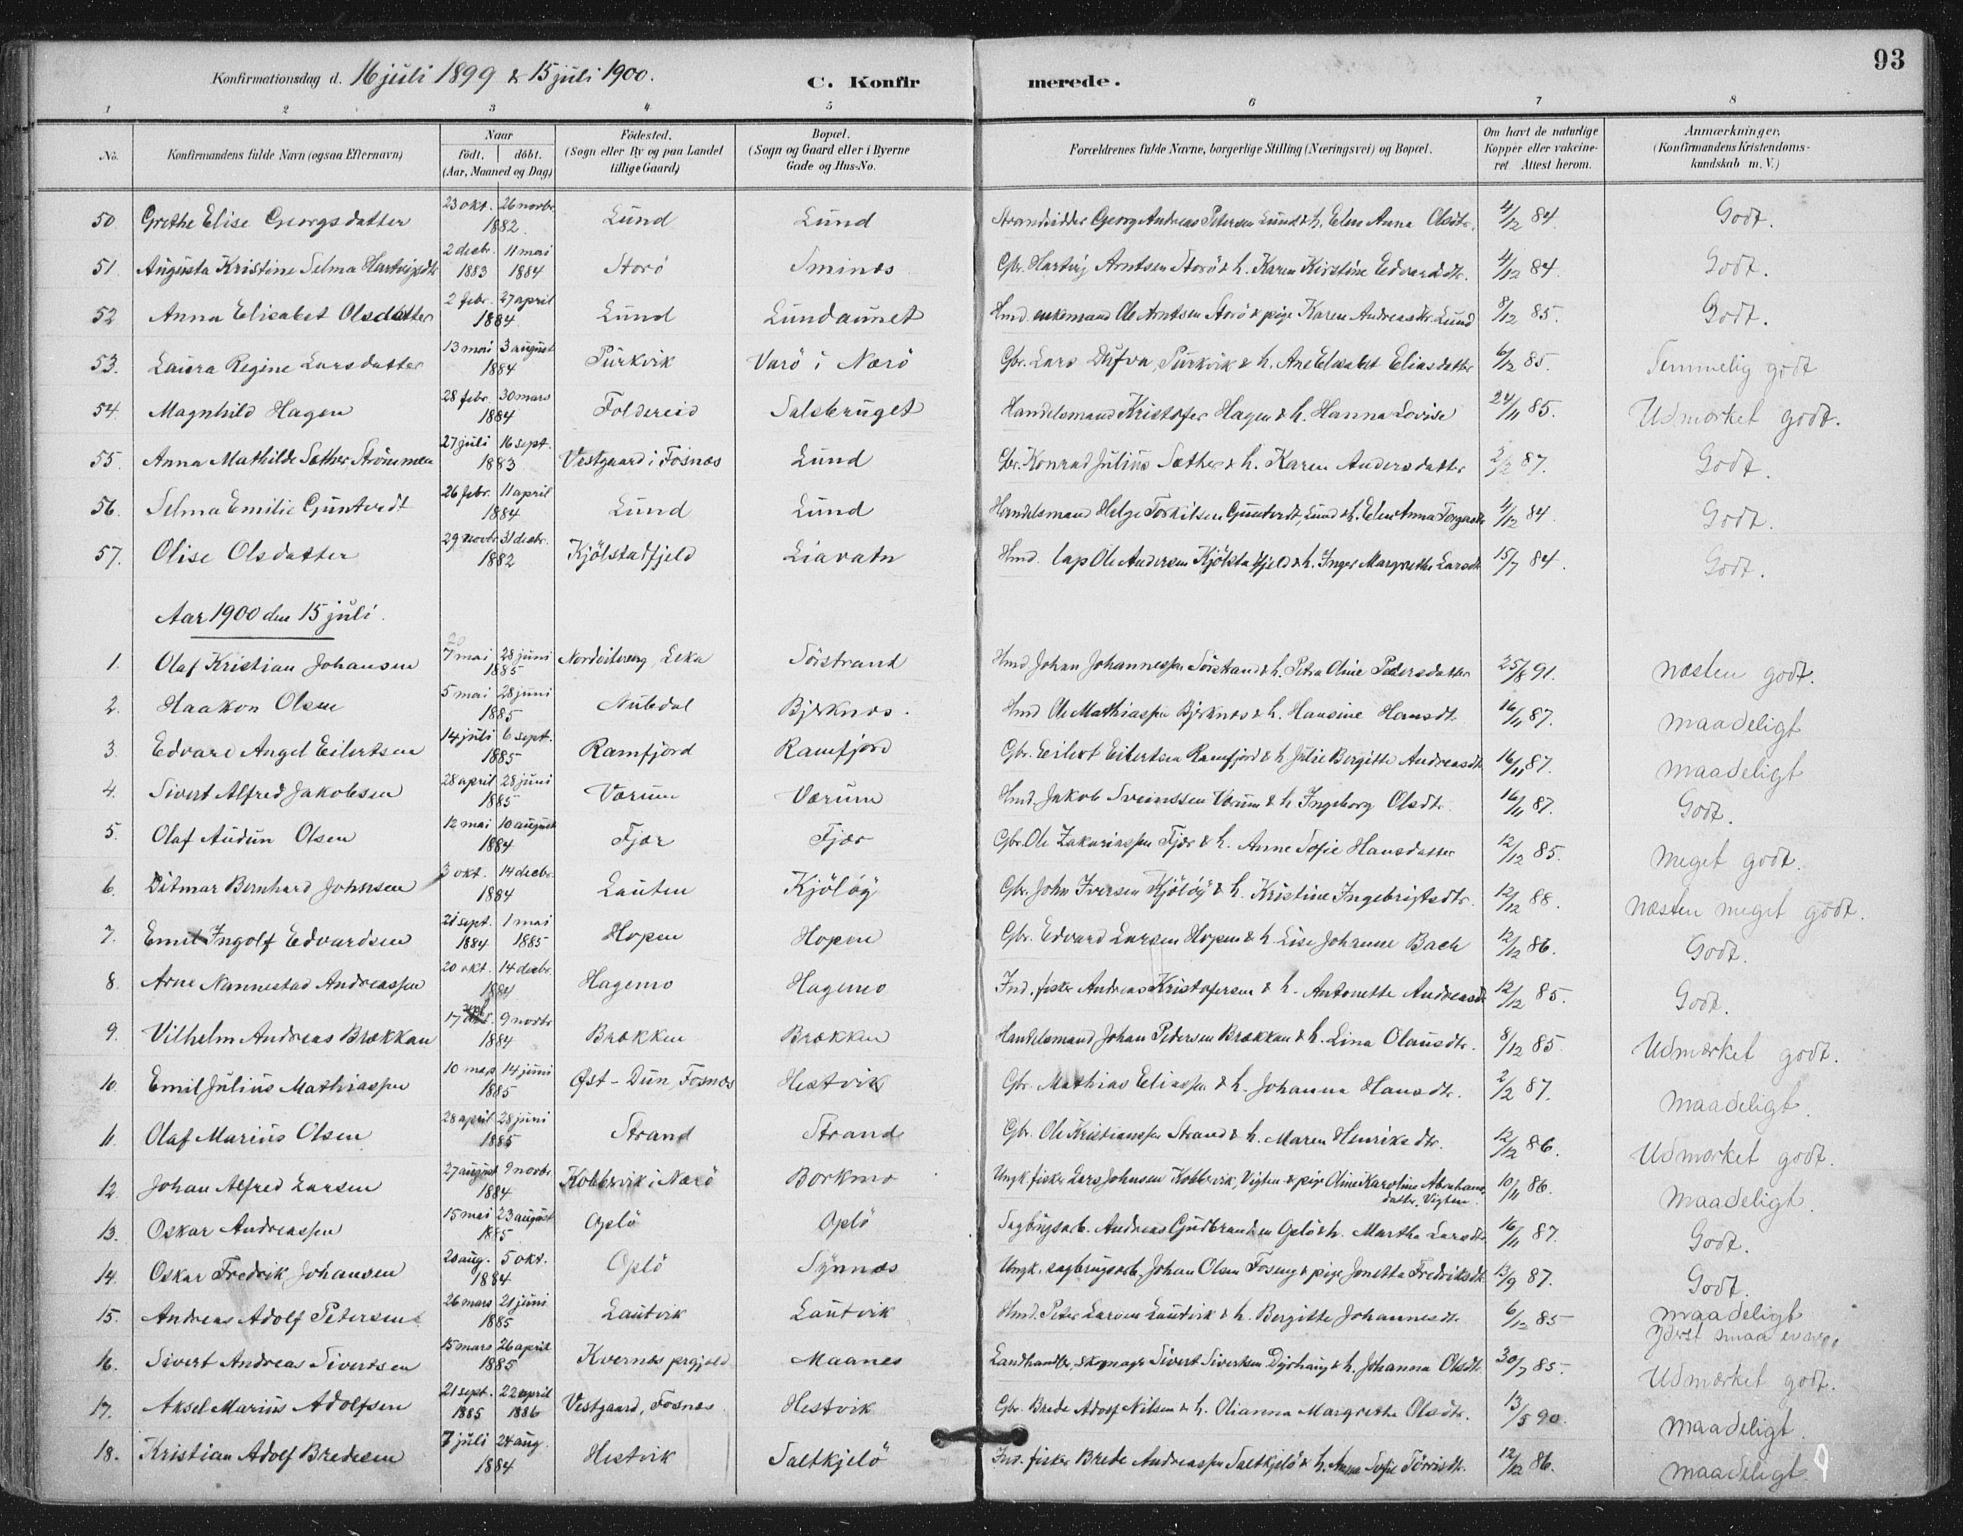 SAT, Ministerialprotokoller, klokkerbøker og fødselsregistre - Nord-Trøndelag, 780/L0644: Ministerialbok nr. 780A08, 1886-1903, s. 93